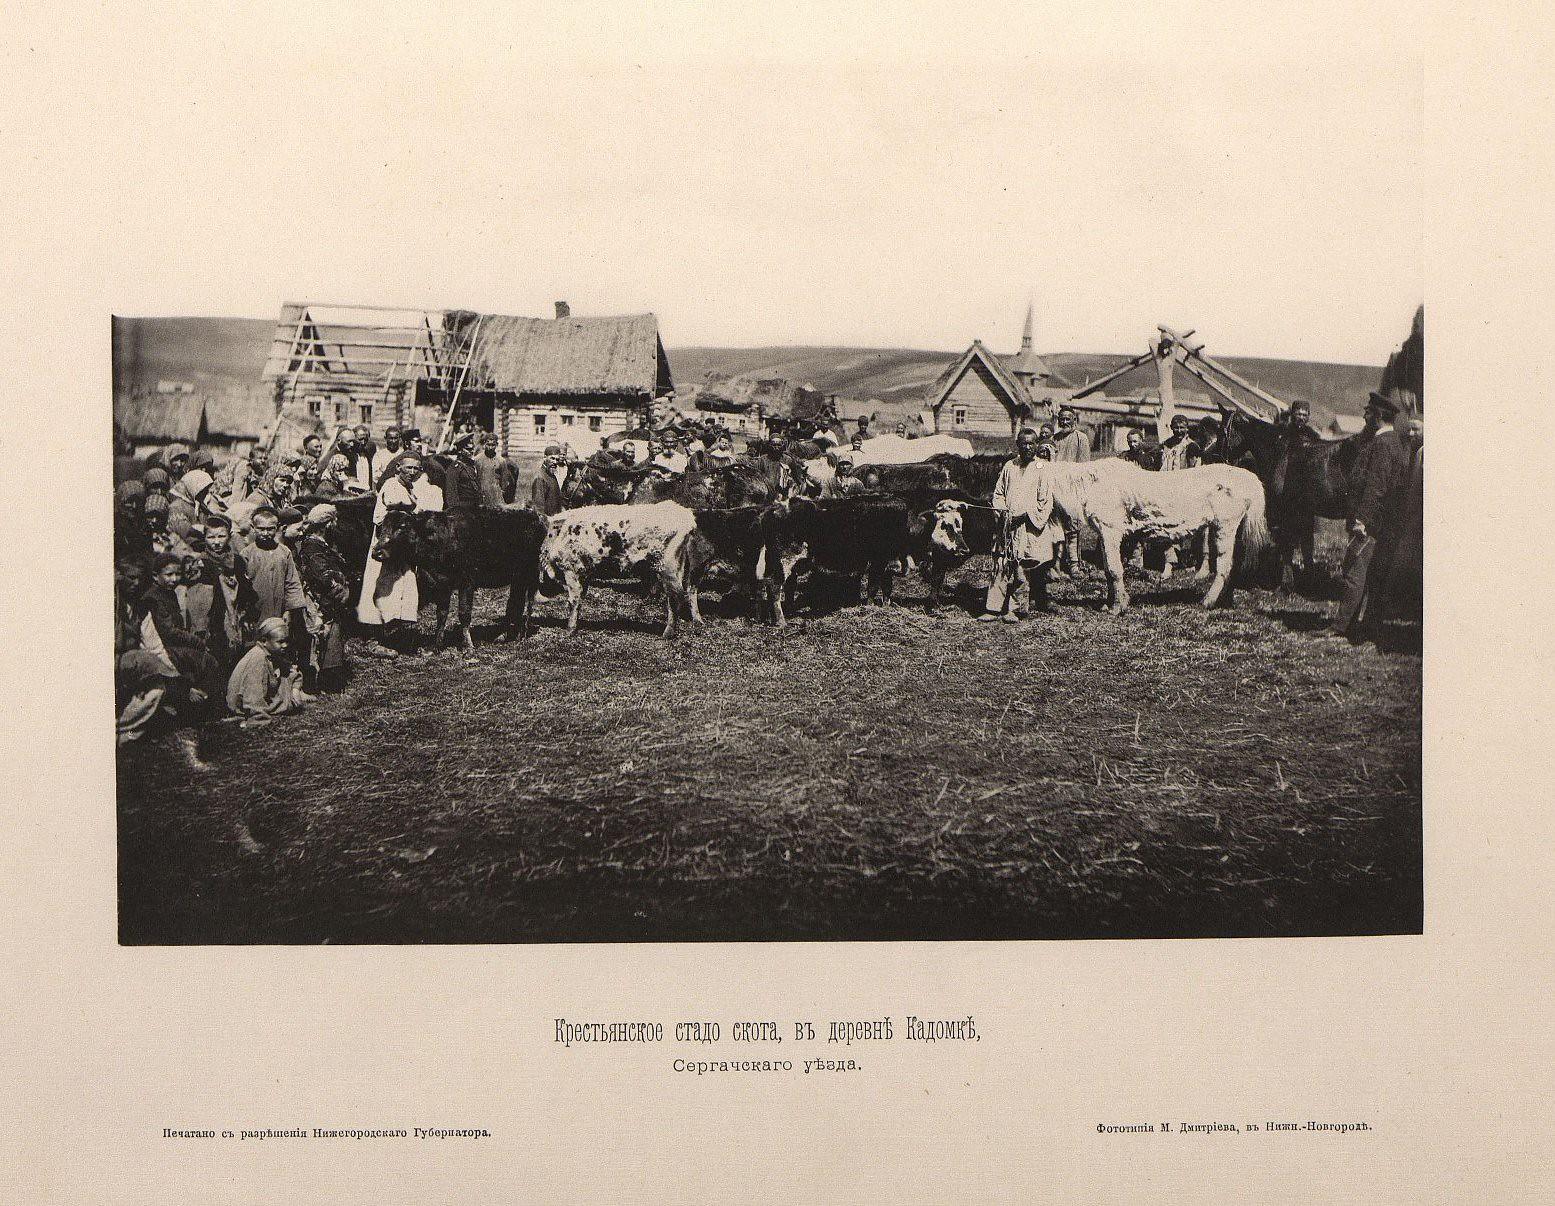 10. Крестьянское стадо скота в деревне Кадомке Сергачского уезда